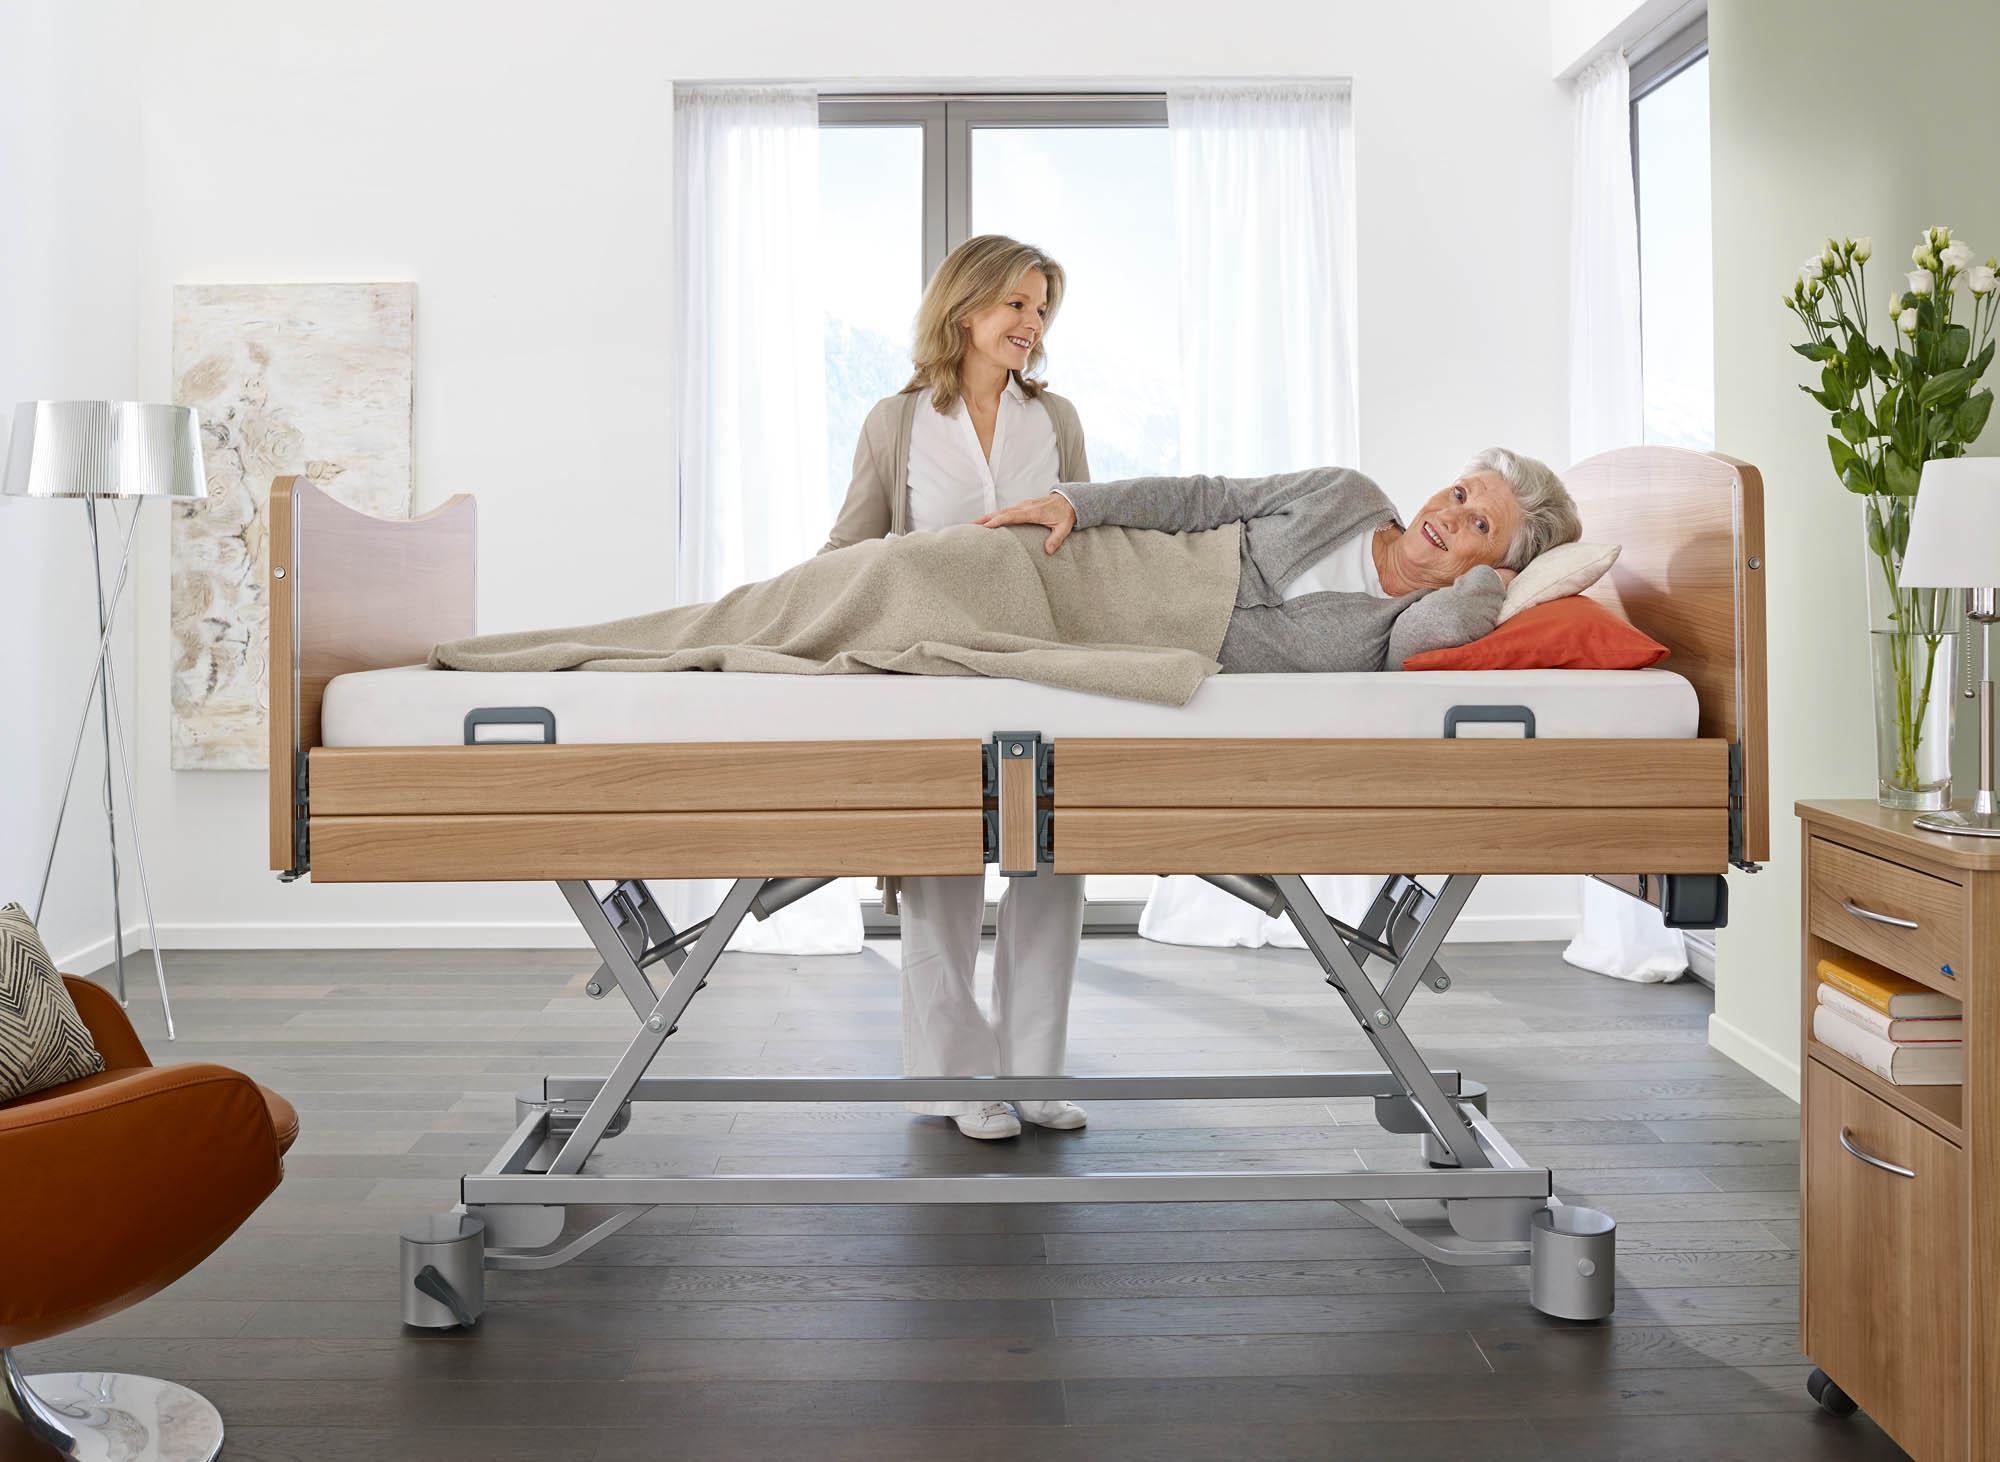 Pečujete o seniora nebo ležícího pacienta? Máme pro Vás 5 tipů, jak si usnadnit život!